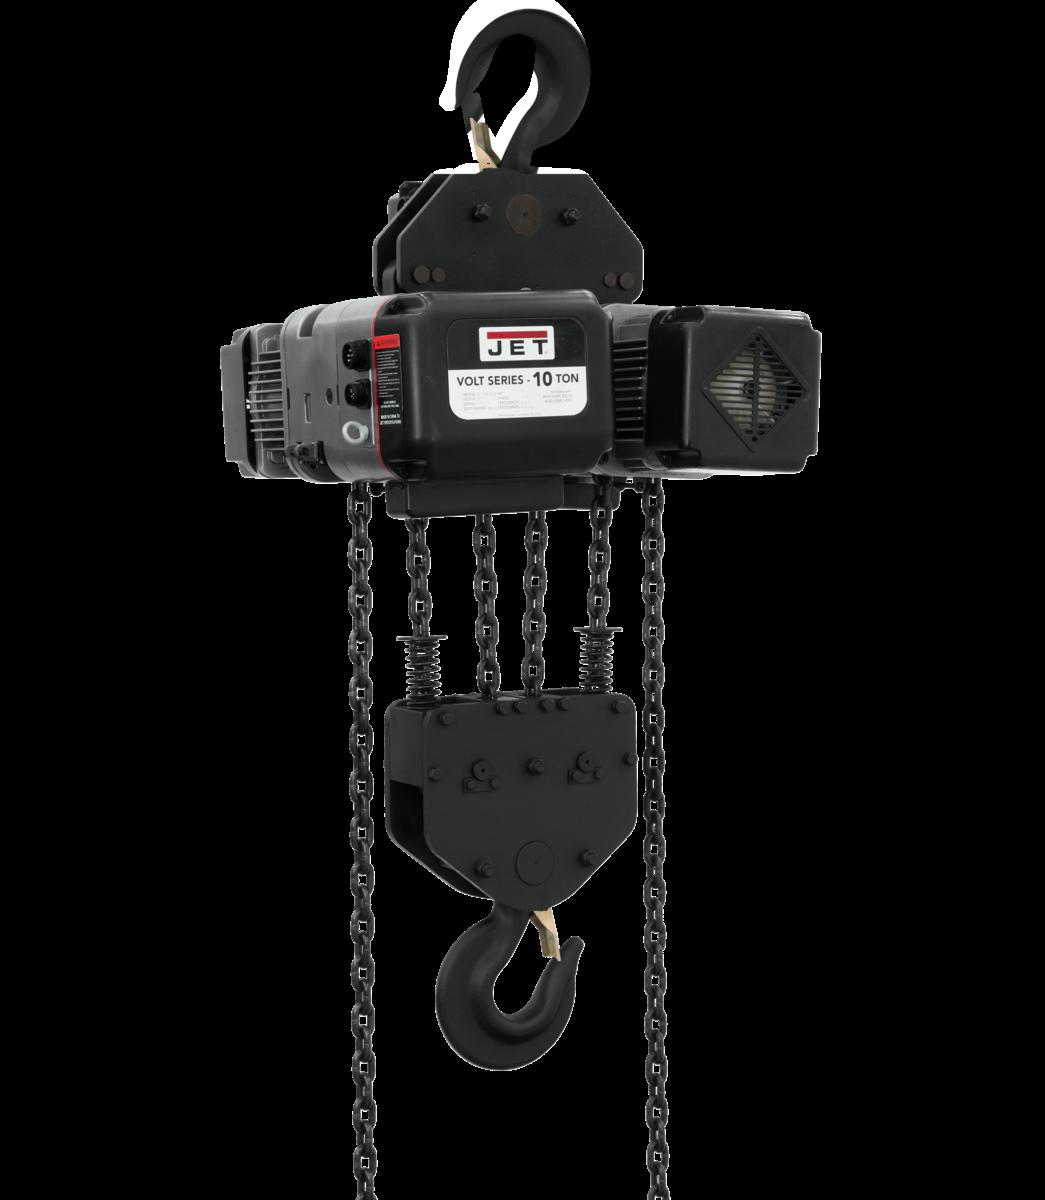 VOLT 10T Variable-Speed Electric Hoist 3PH 230V 10' Lift